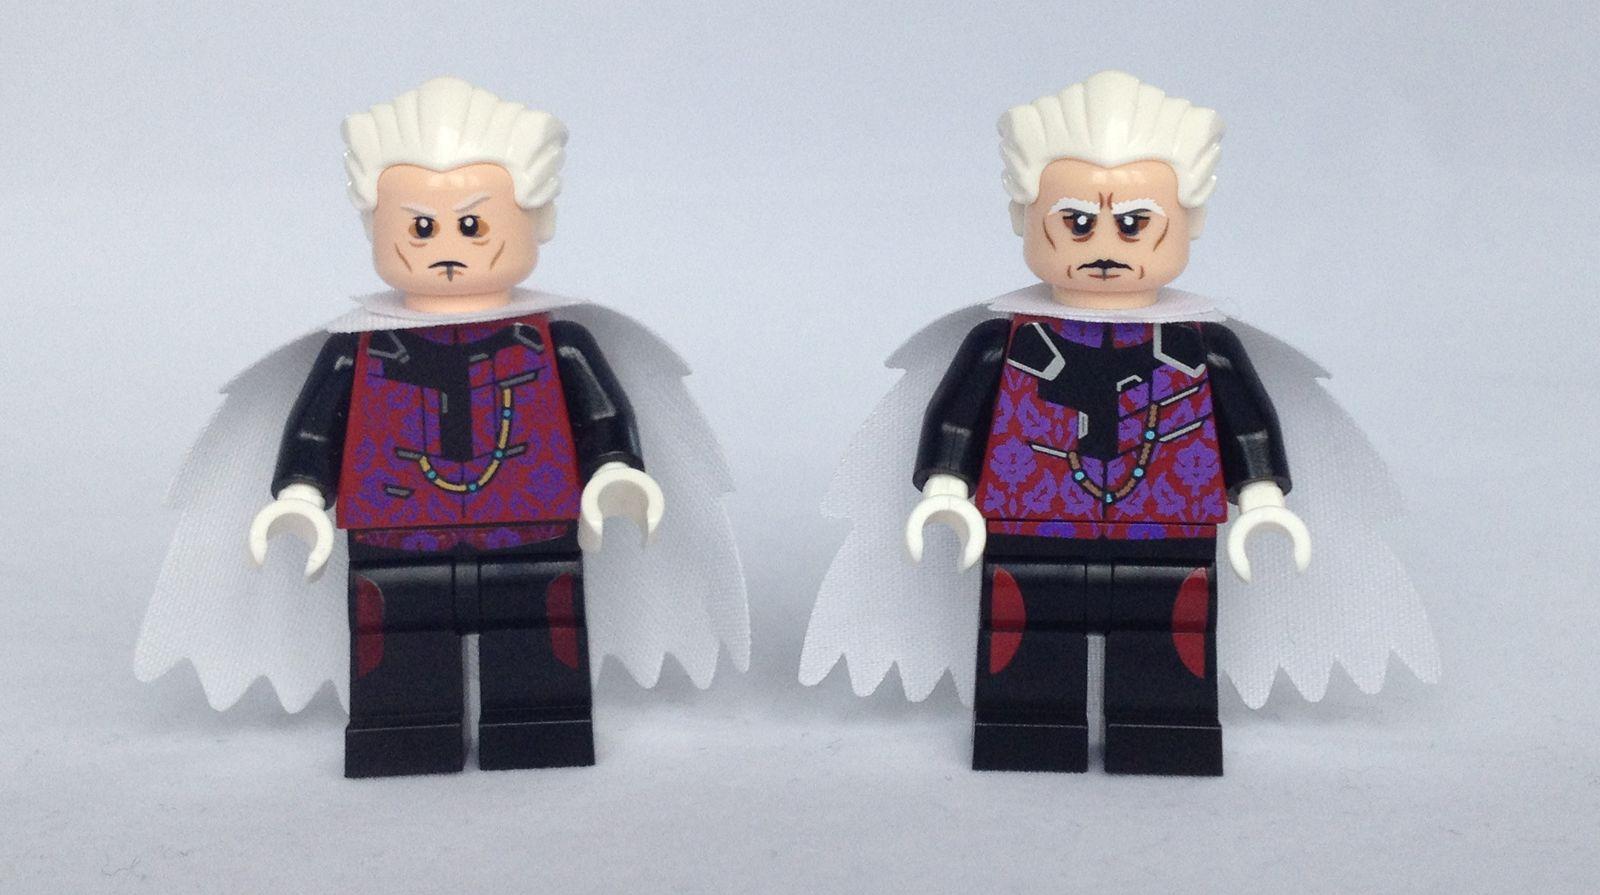 LEGO The Collector Minifigure Comparison